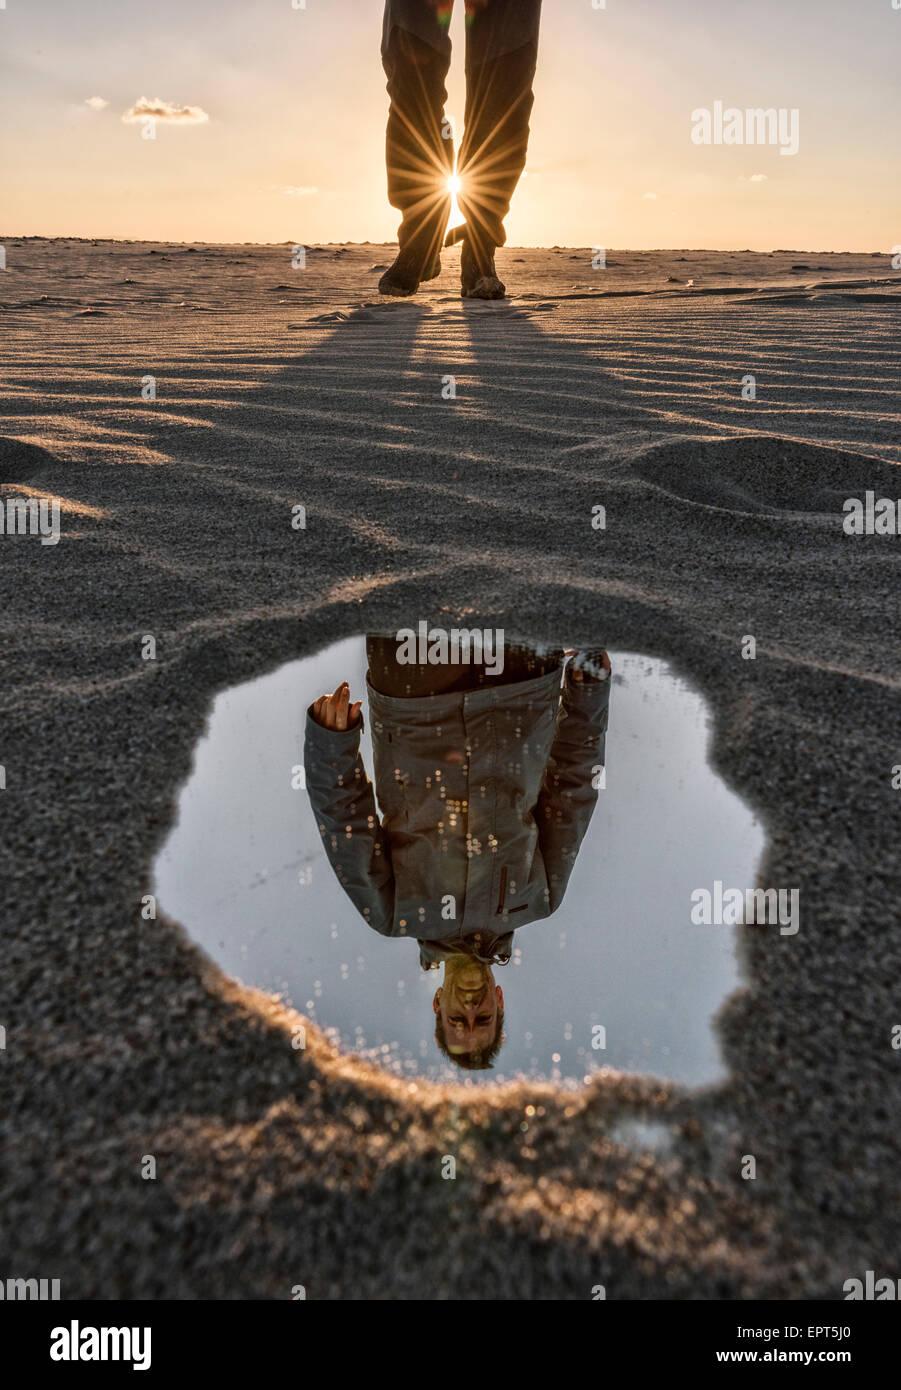 Reflexion eines Mannes. Stockbild